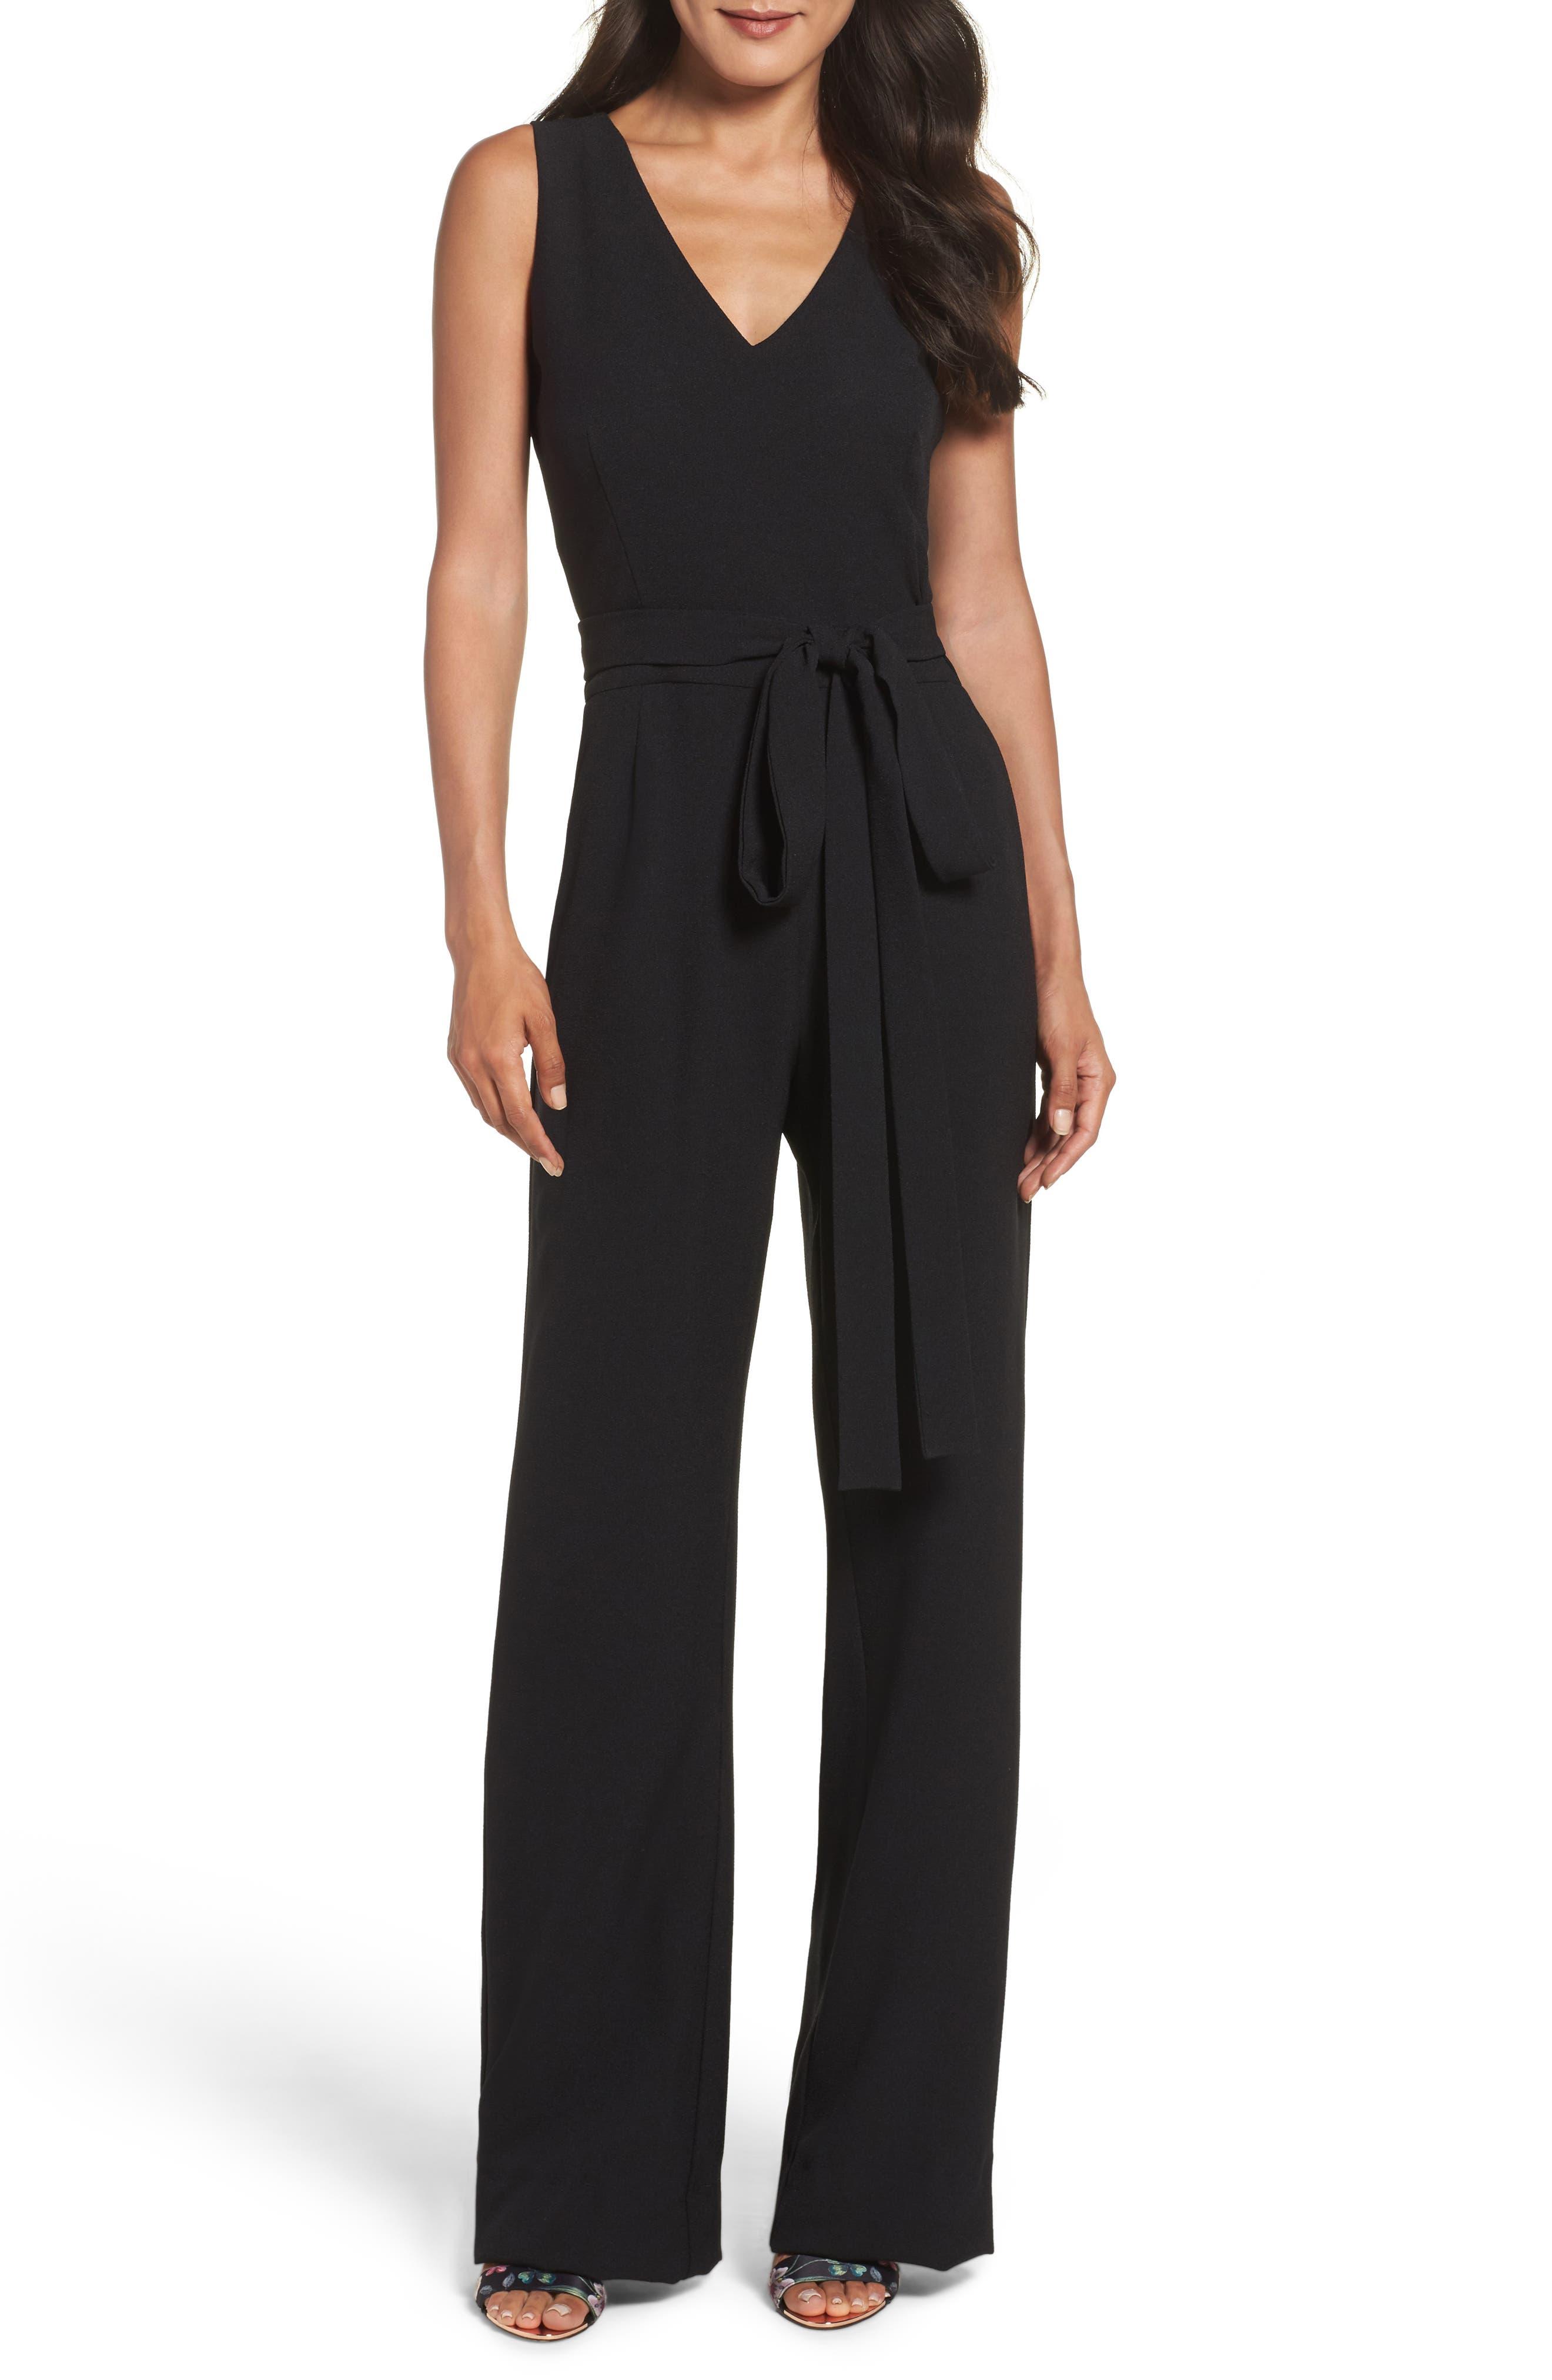 Black Jumpsuit Dress